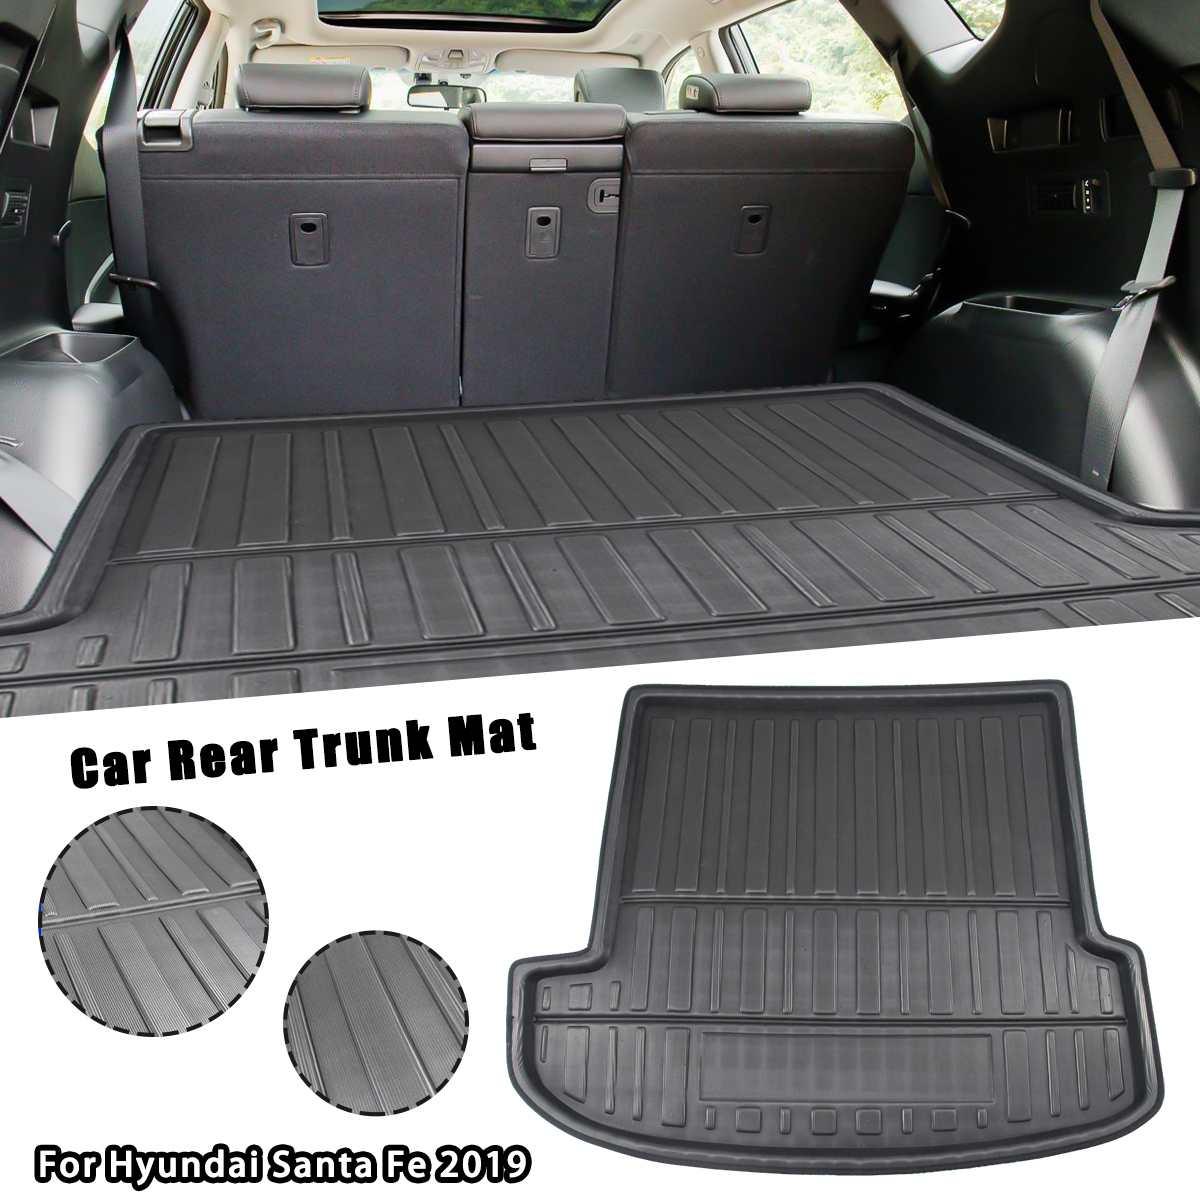 Car Tray Boot Liner Cargo Rear Trunk Cover Matt Mat Boot Liner Floor Carpet Mud Non-slip For Hyundai Santa FE 2019 2020